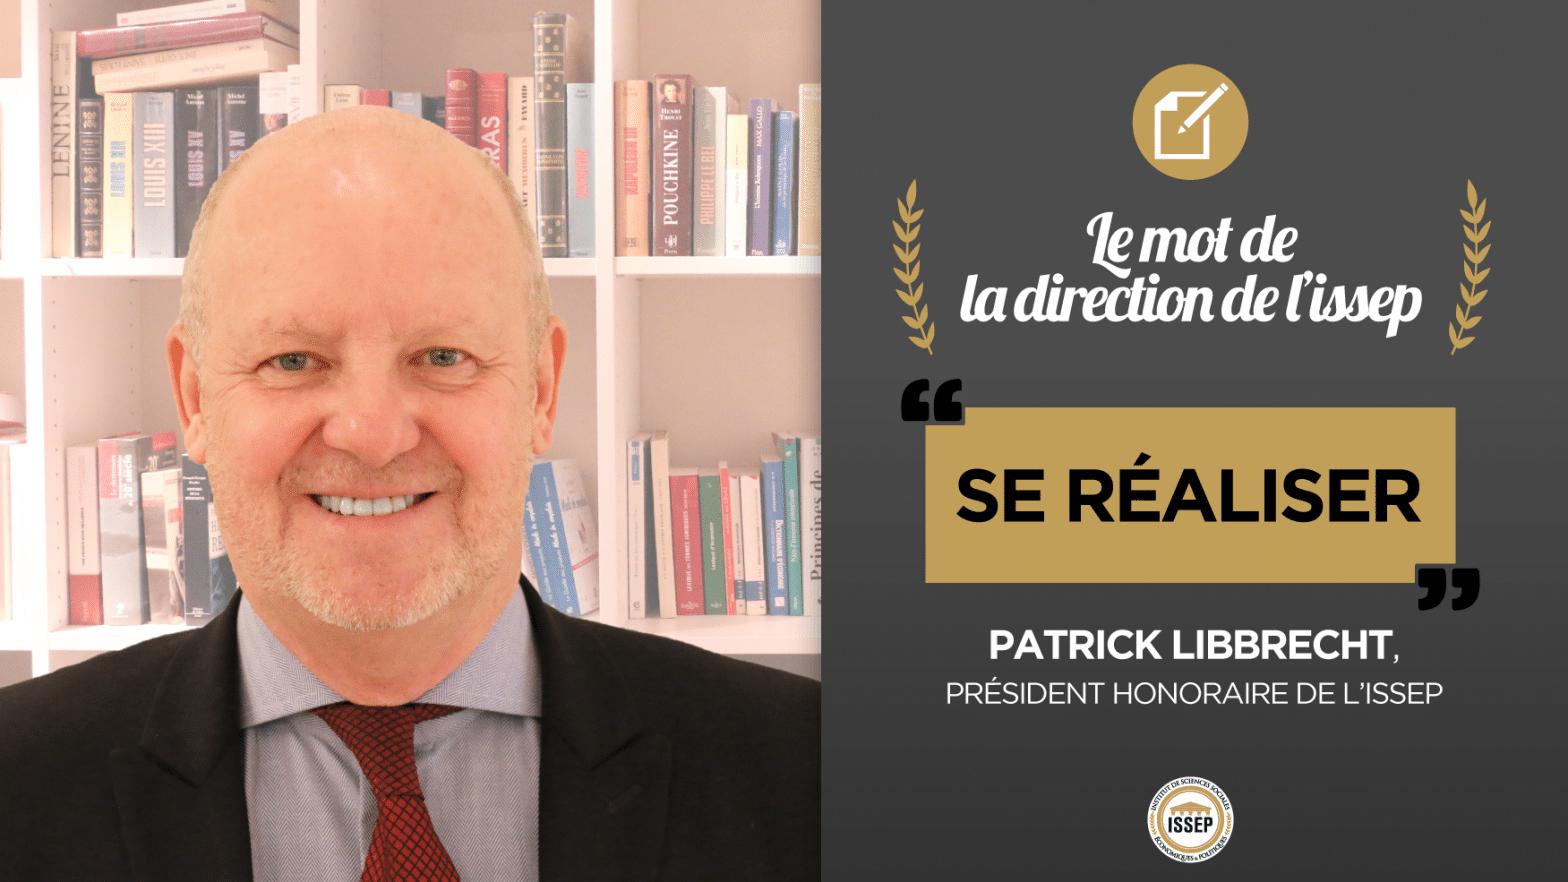 Le mot de Patrick Libbrecht, président honoraire de l'ISSEP